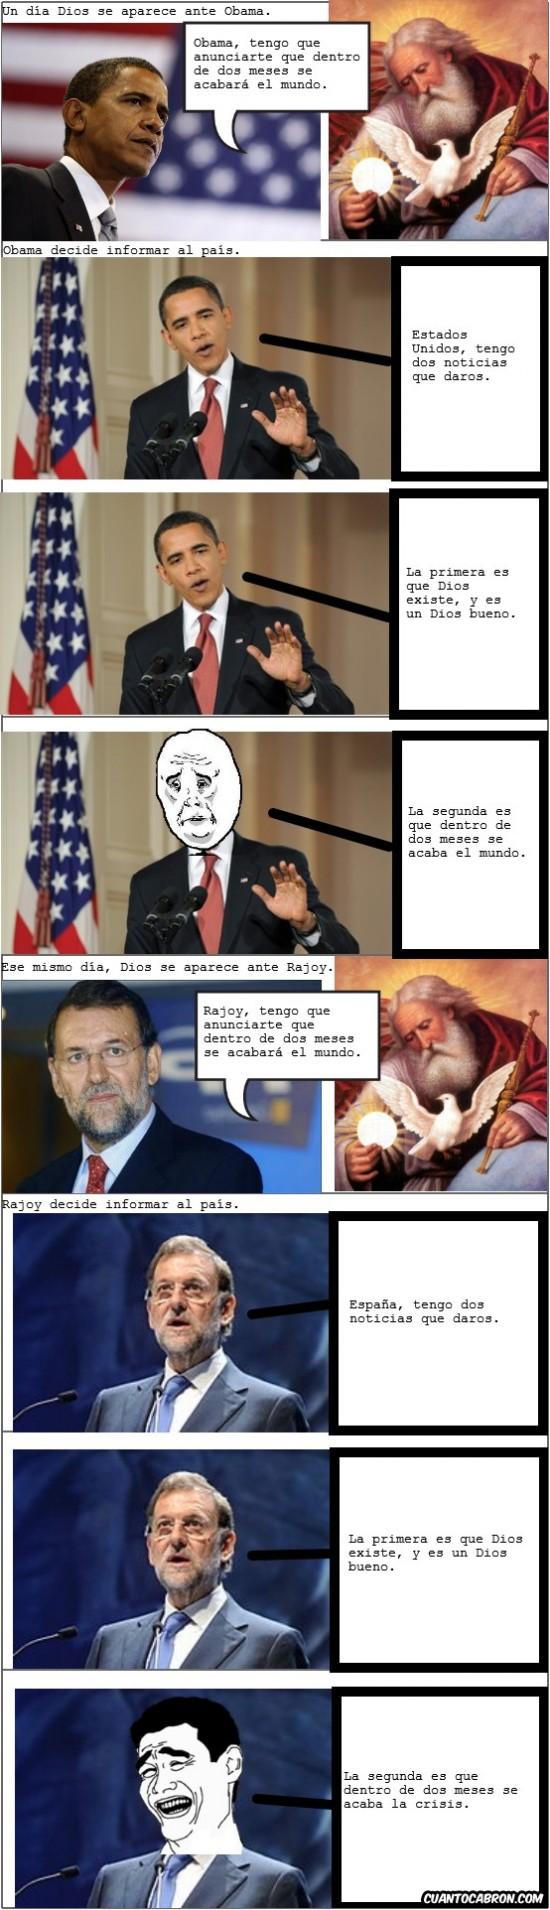 crisis,españa,estados unidos,fin del mundo,obama,rajoy